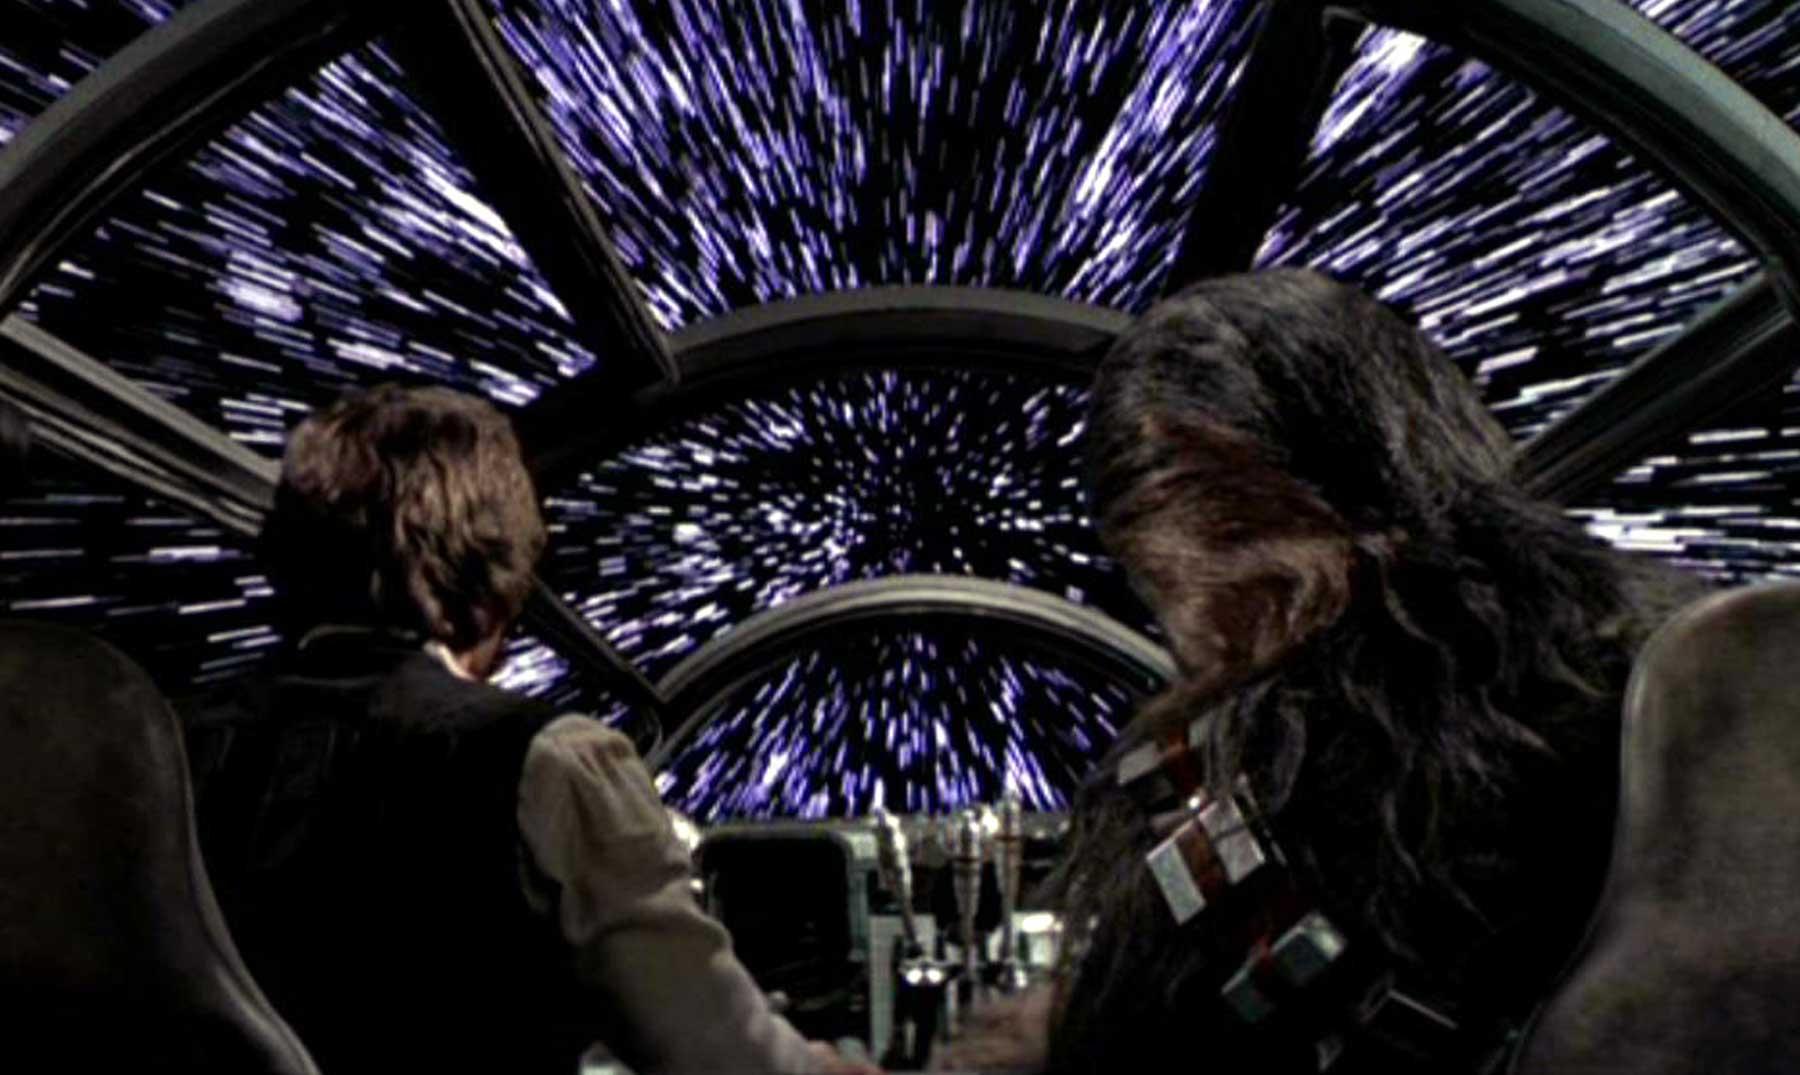 ¿Qué podrías ver si viajaras a la velocidad de la luz?